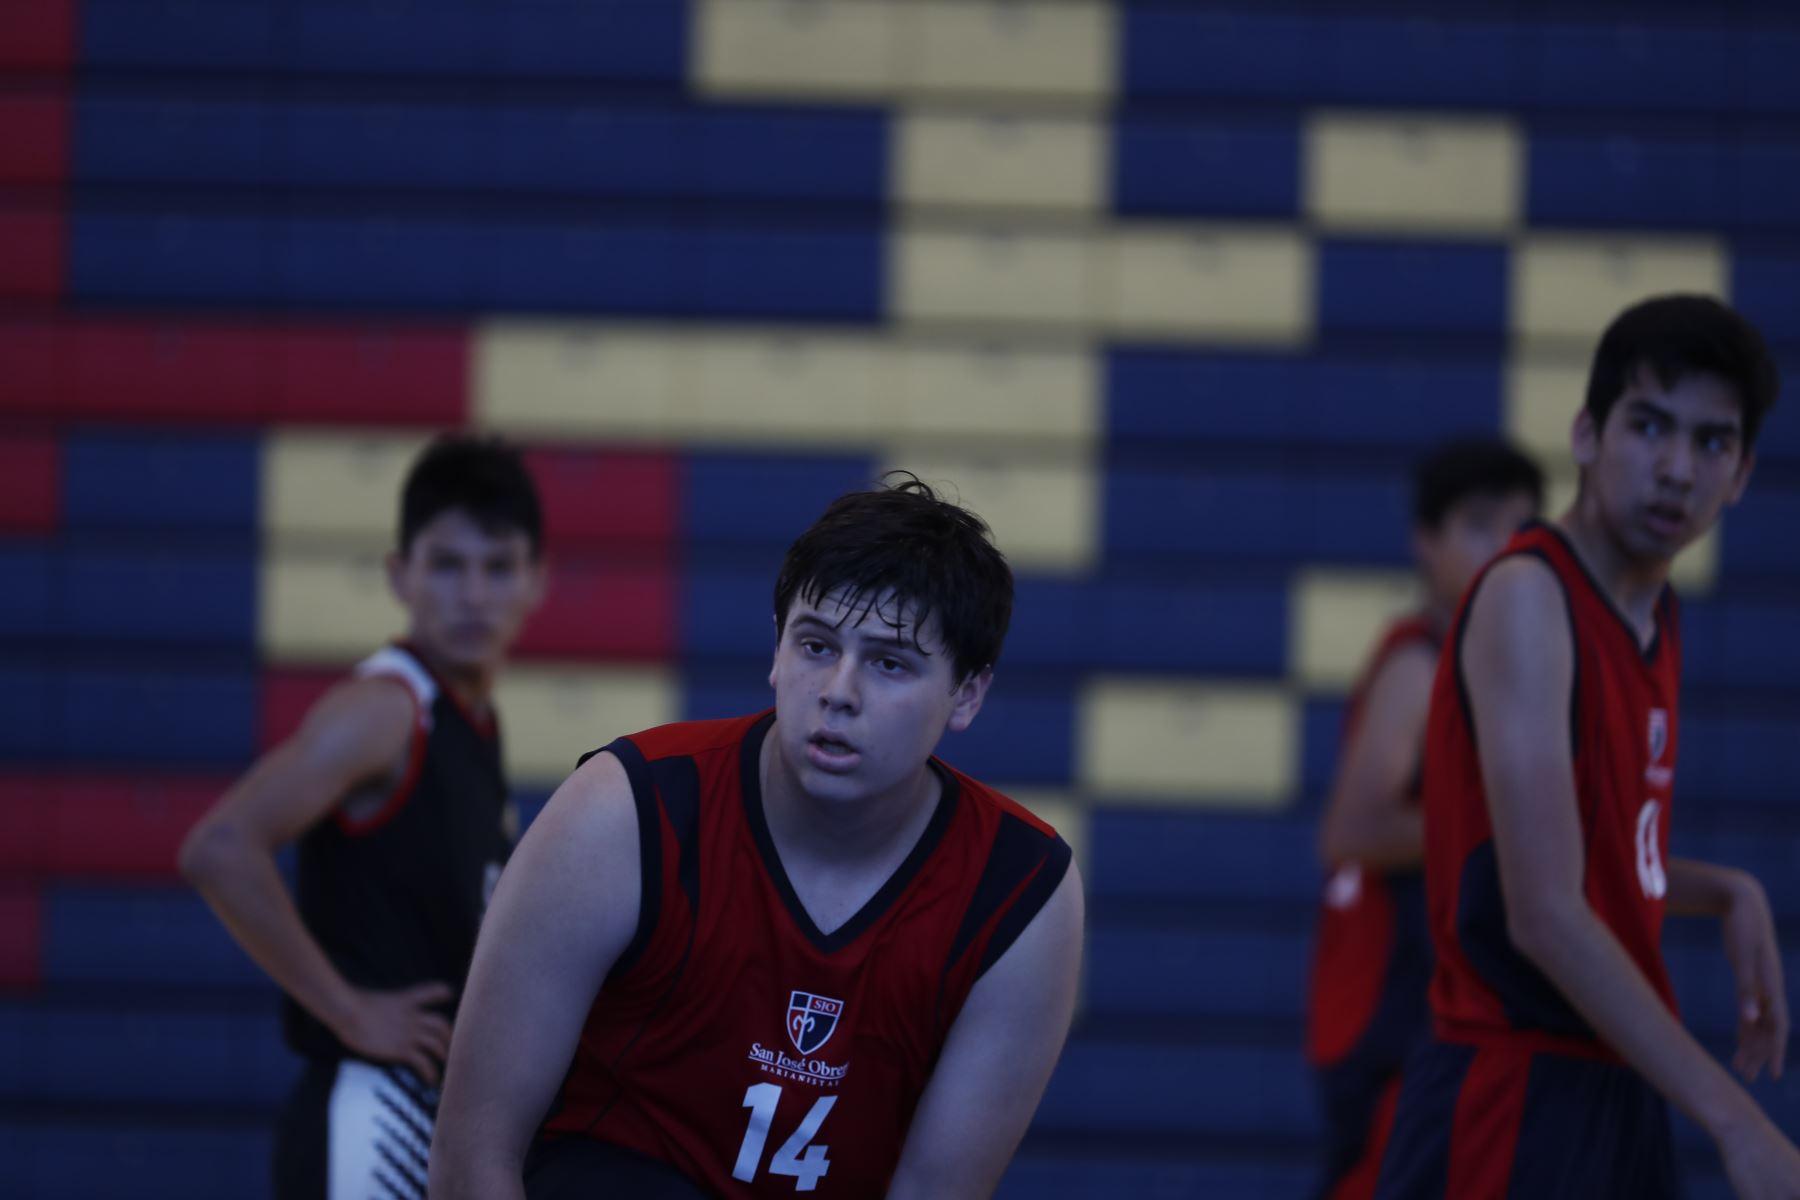 Colegio San José Obrero Maristas de Trujillo por los Juegos Deportivos Escolares Nacionales 2019. Foto: ANDINA/Renato Pajuelo